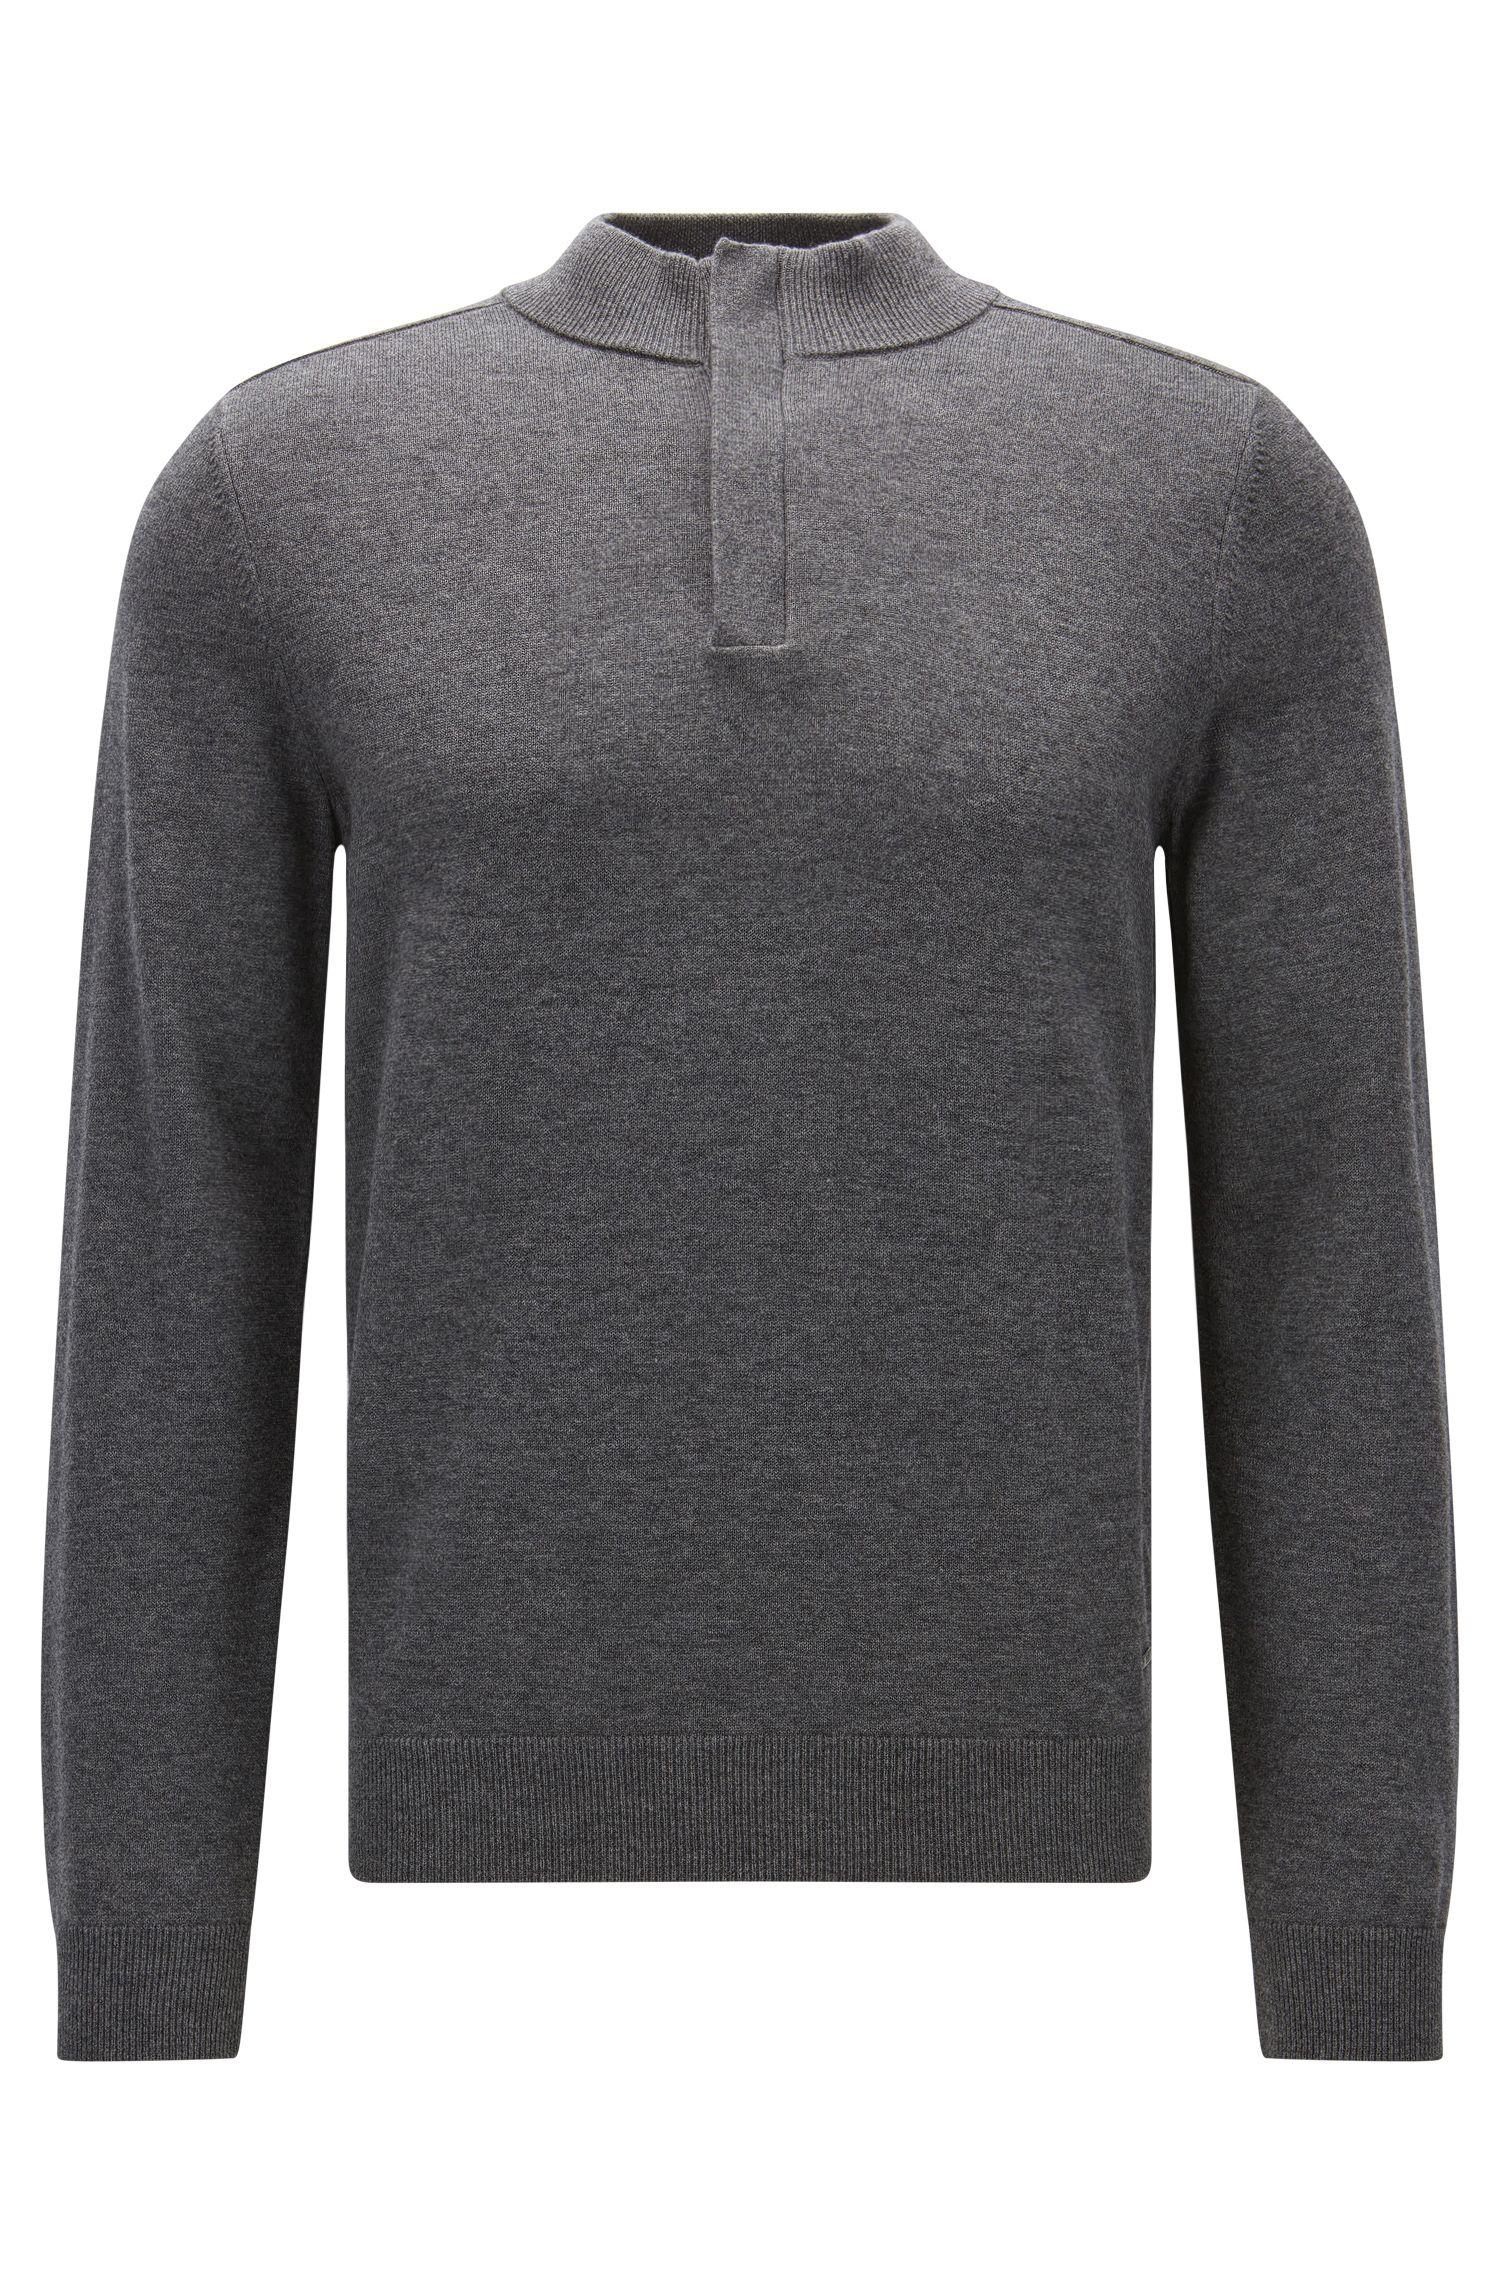 Cotton Virgin Wool Sweater   Napoleone